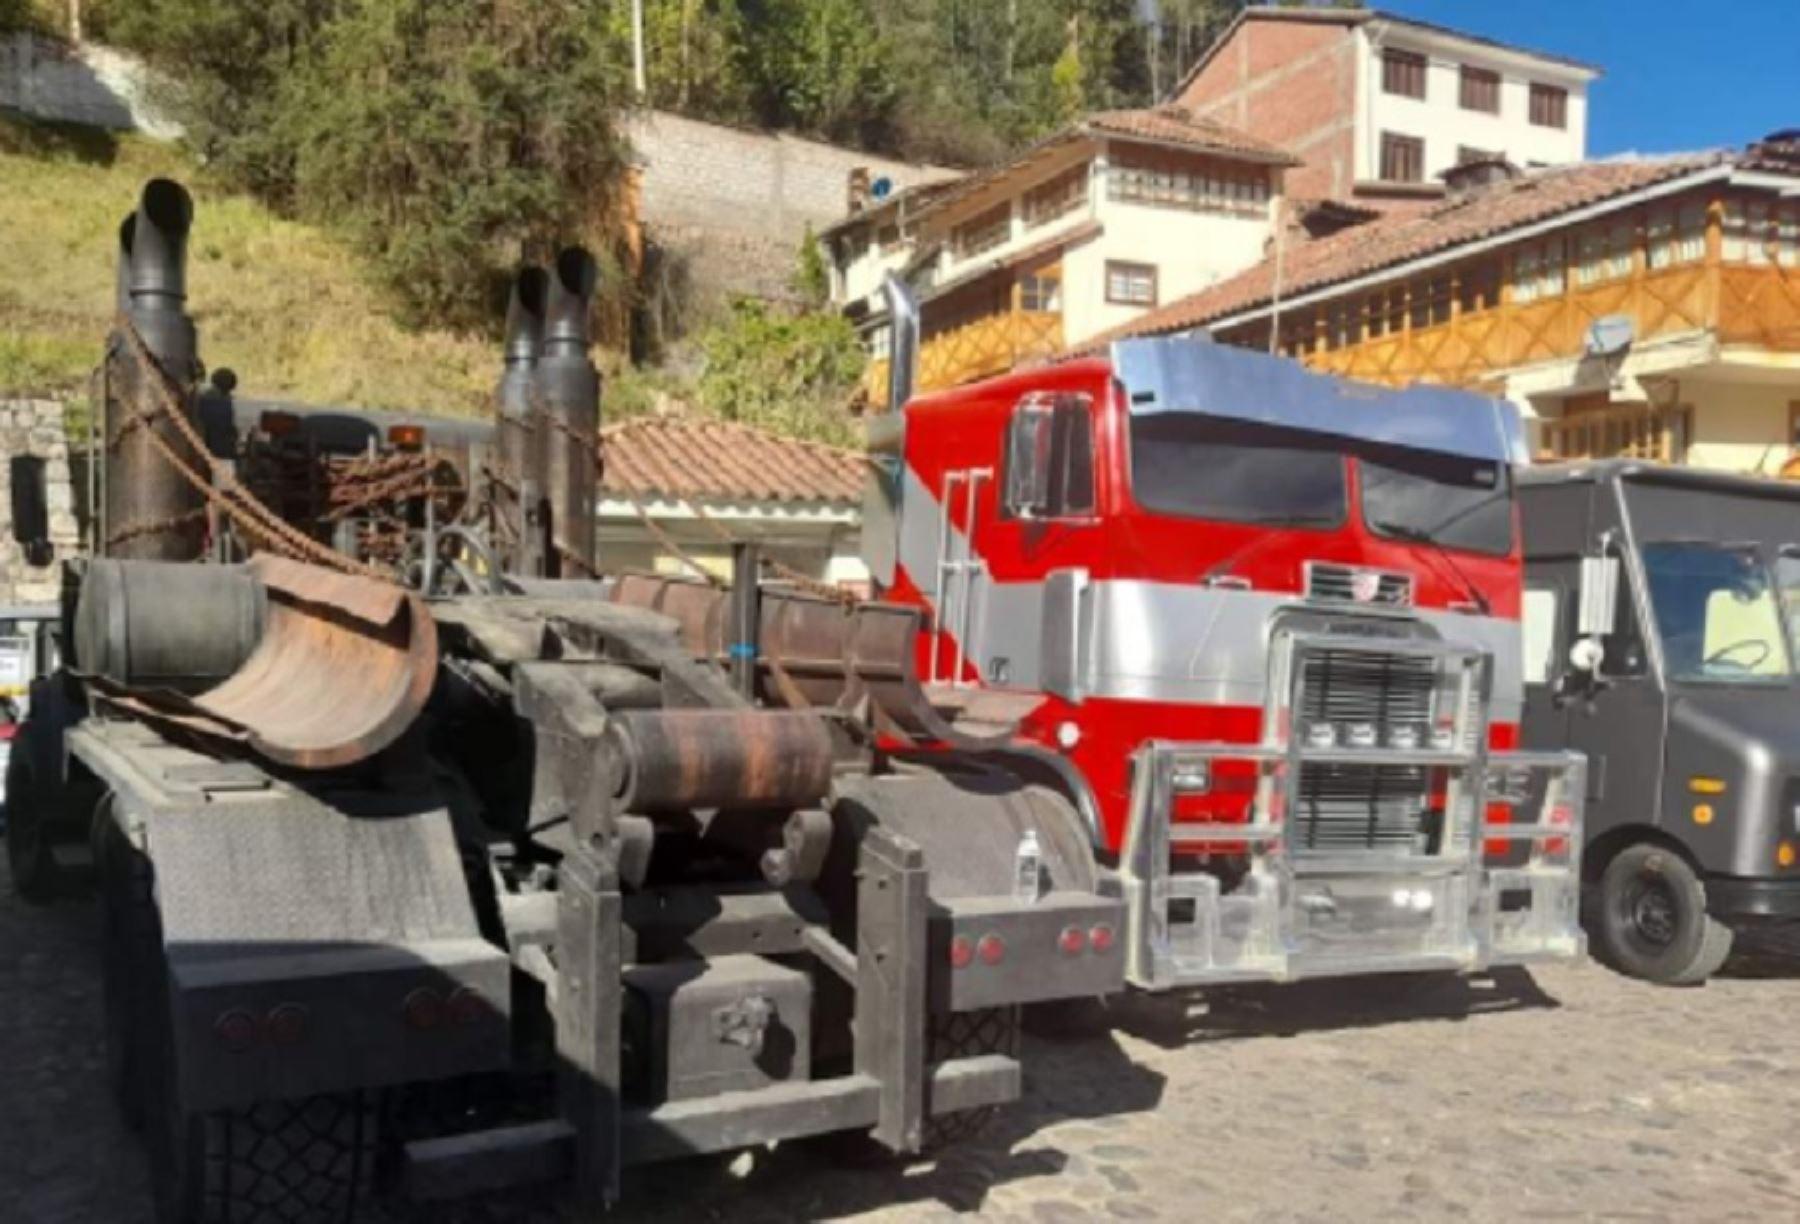 Cusco de película: vehículos de película Transformers son sensación en la Ciudad Imperial